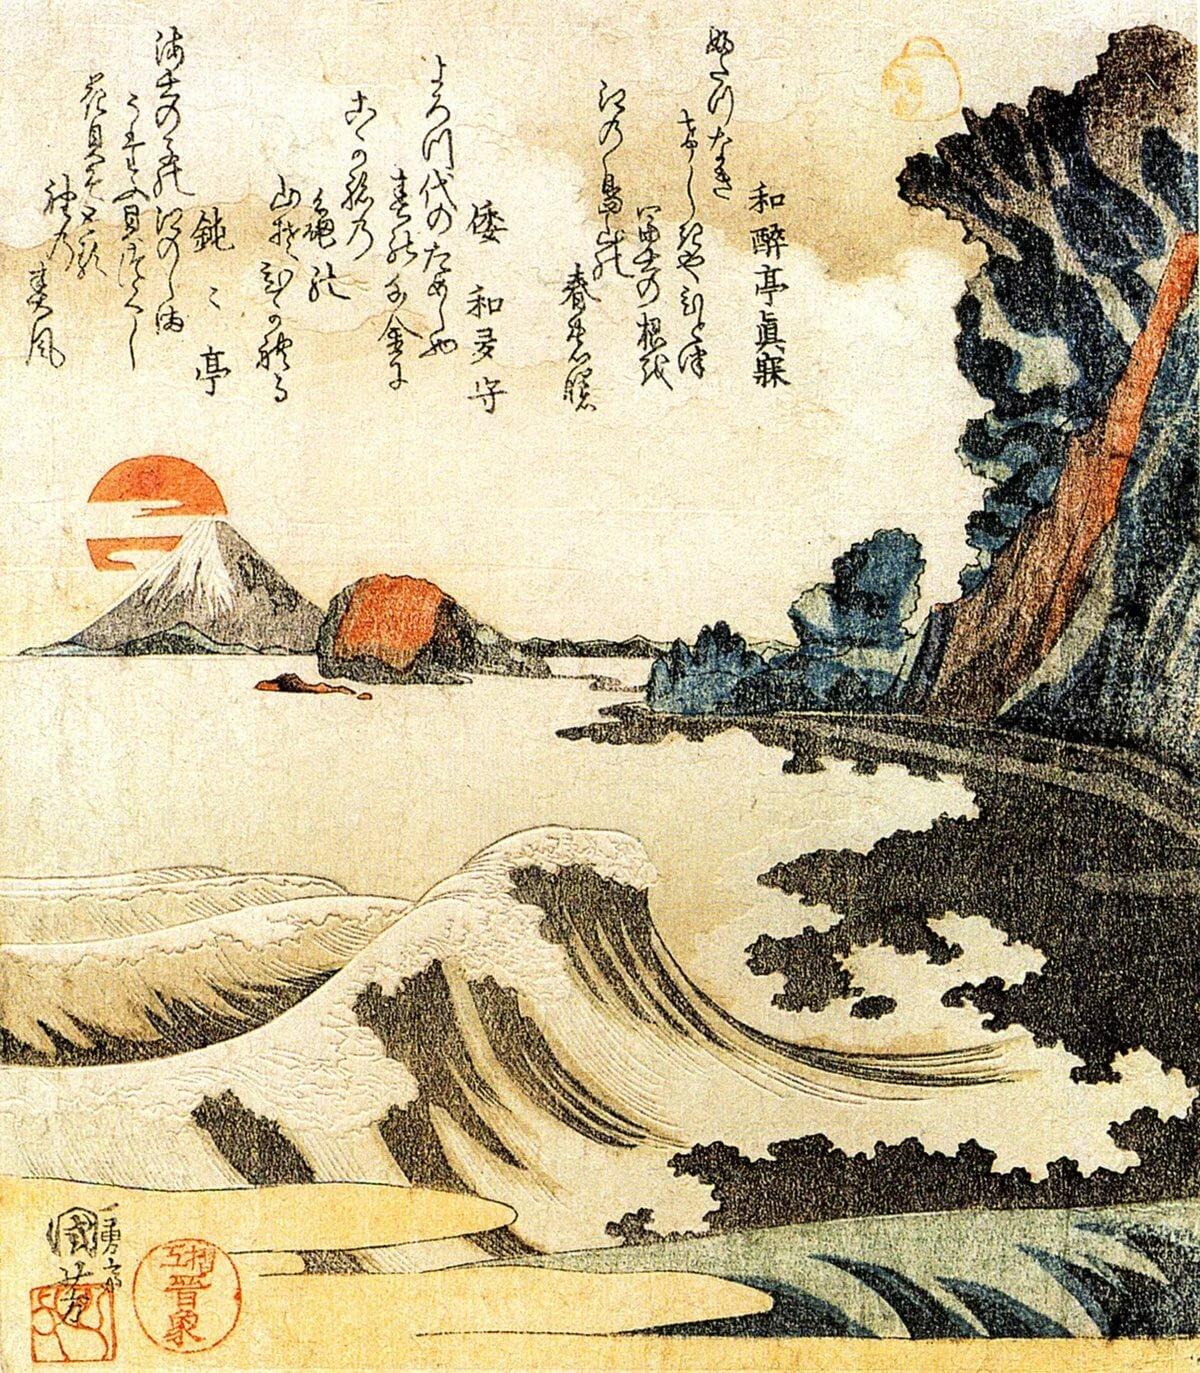 жизни певицы постеры японский пейзаж шестерых детей